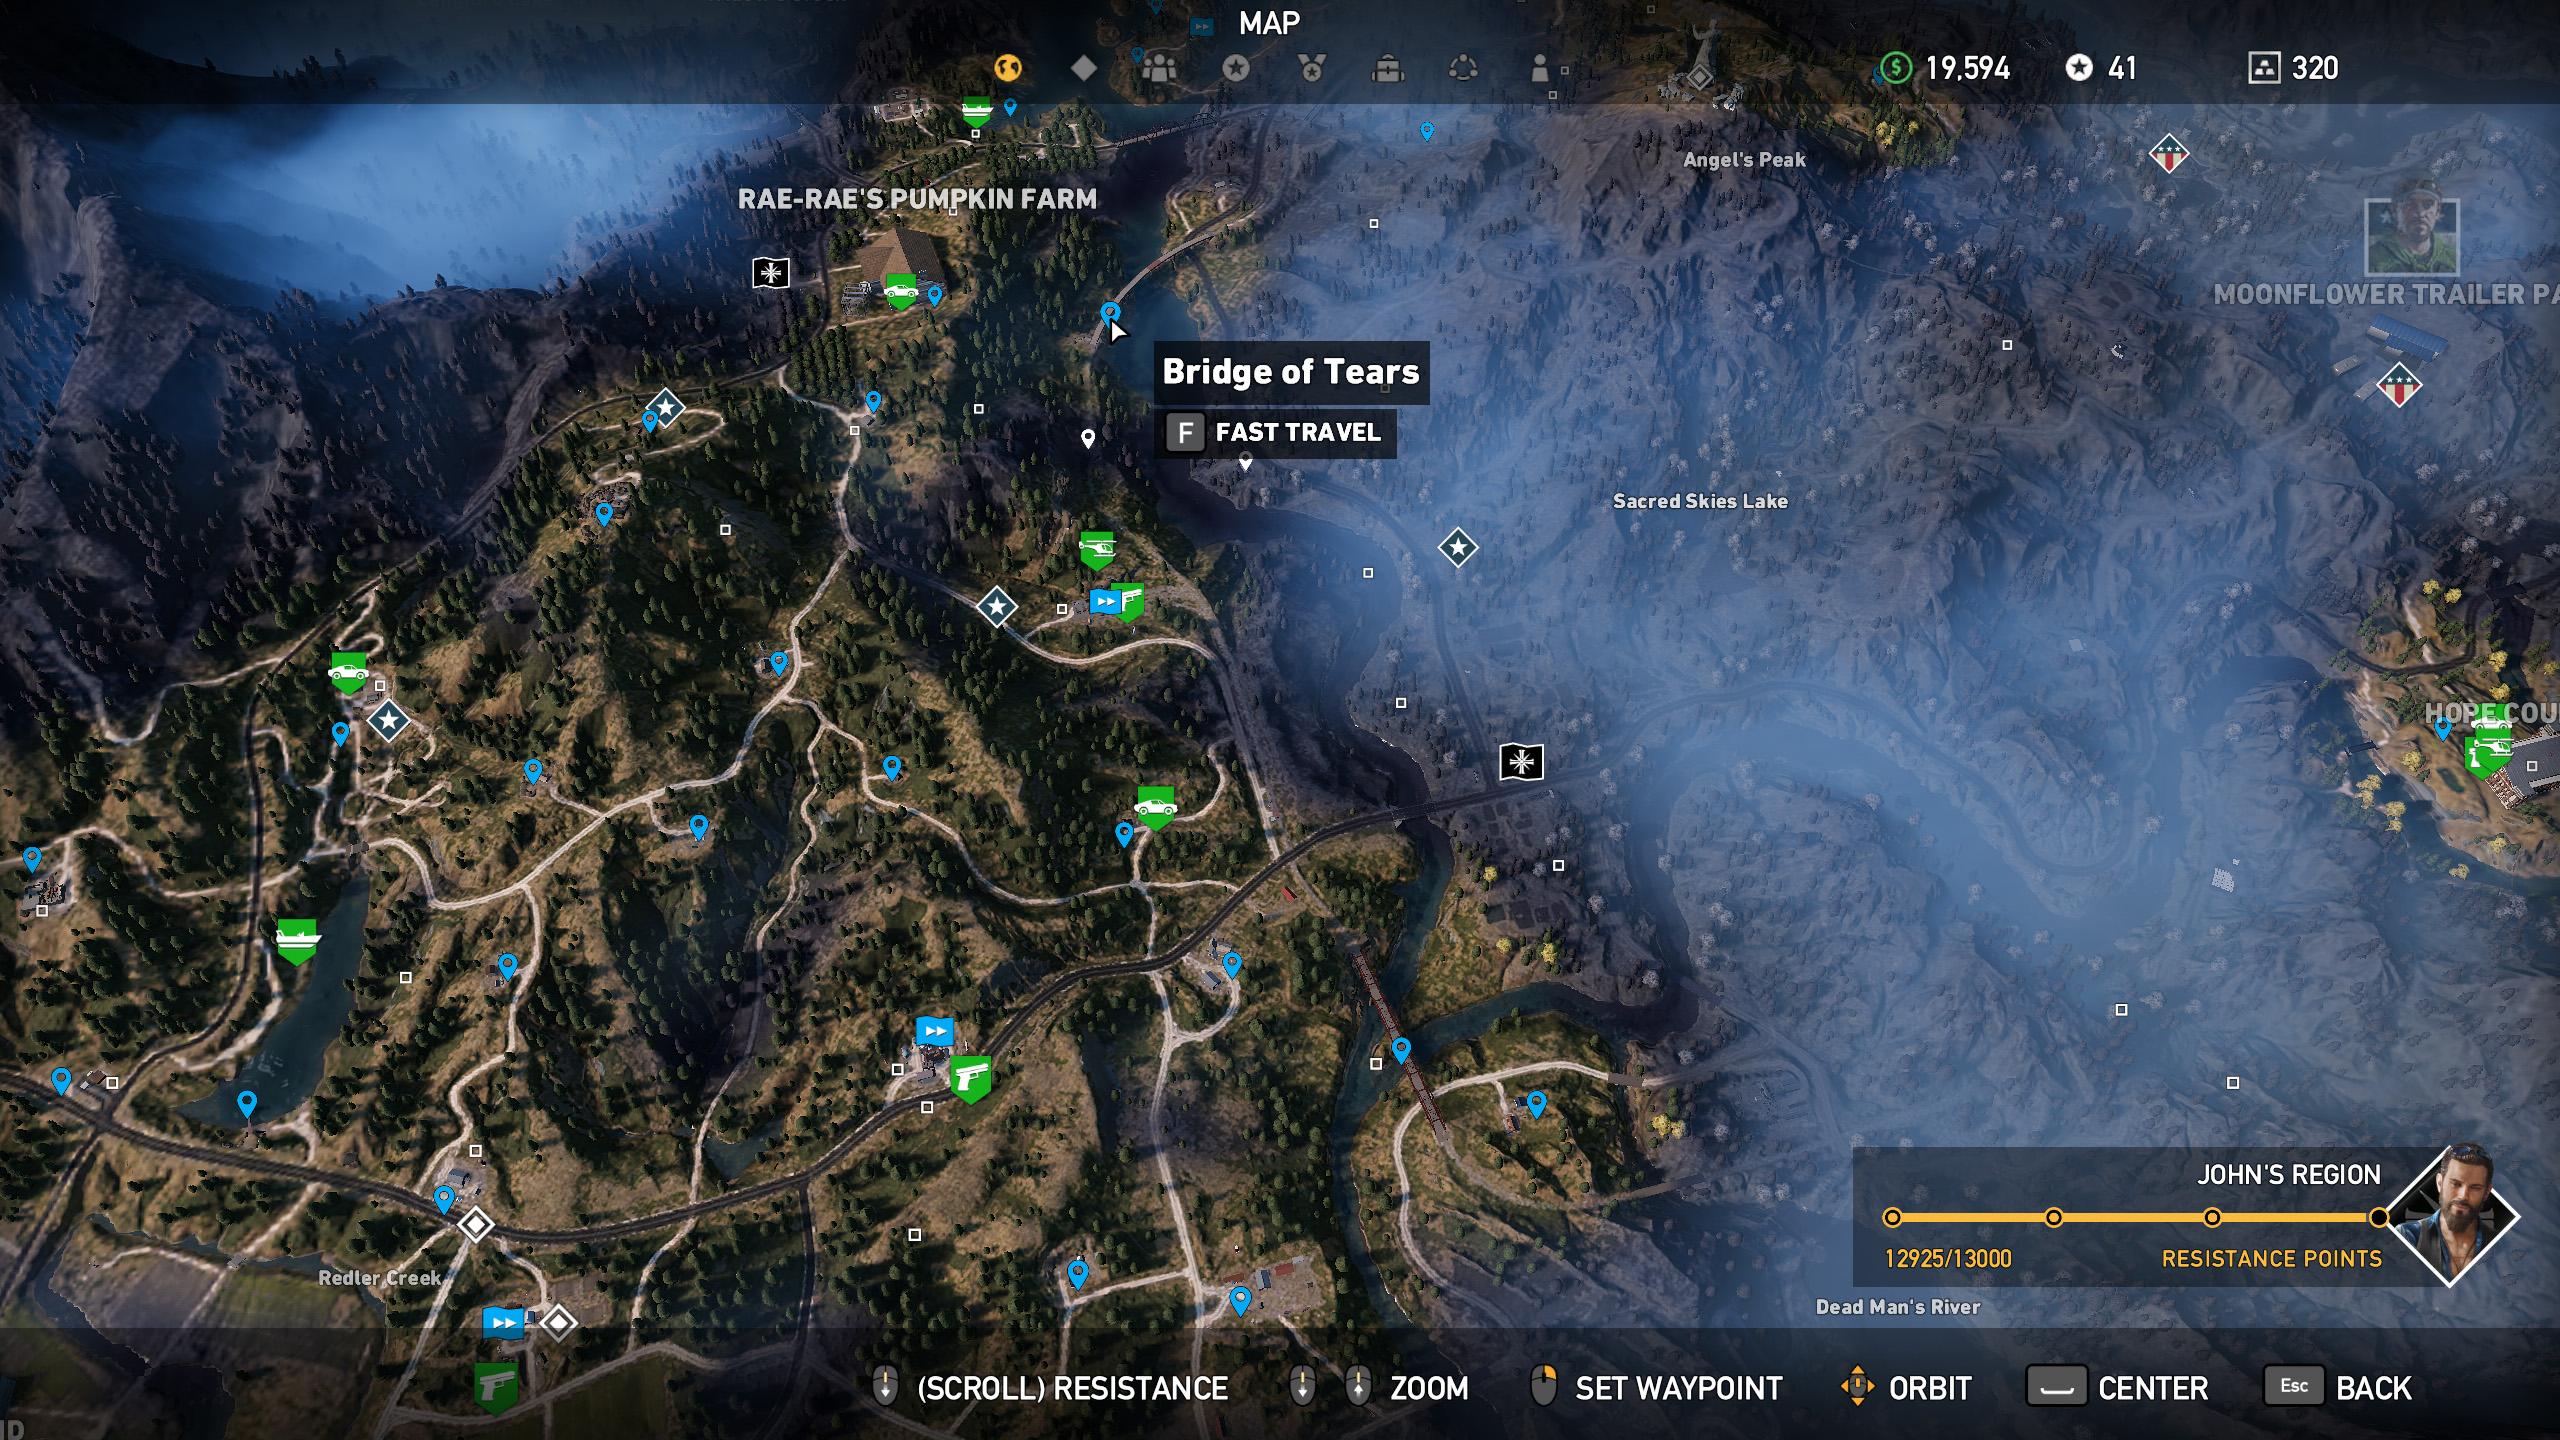 Man Cave Far Cry 5 Walkthrough : All prepper stash locations far cry shacknews